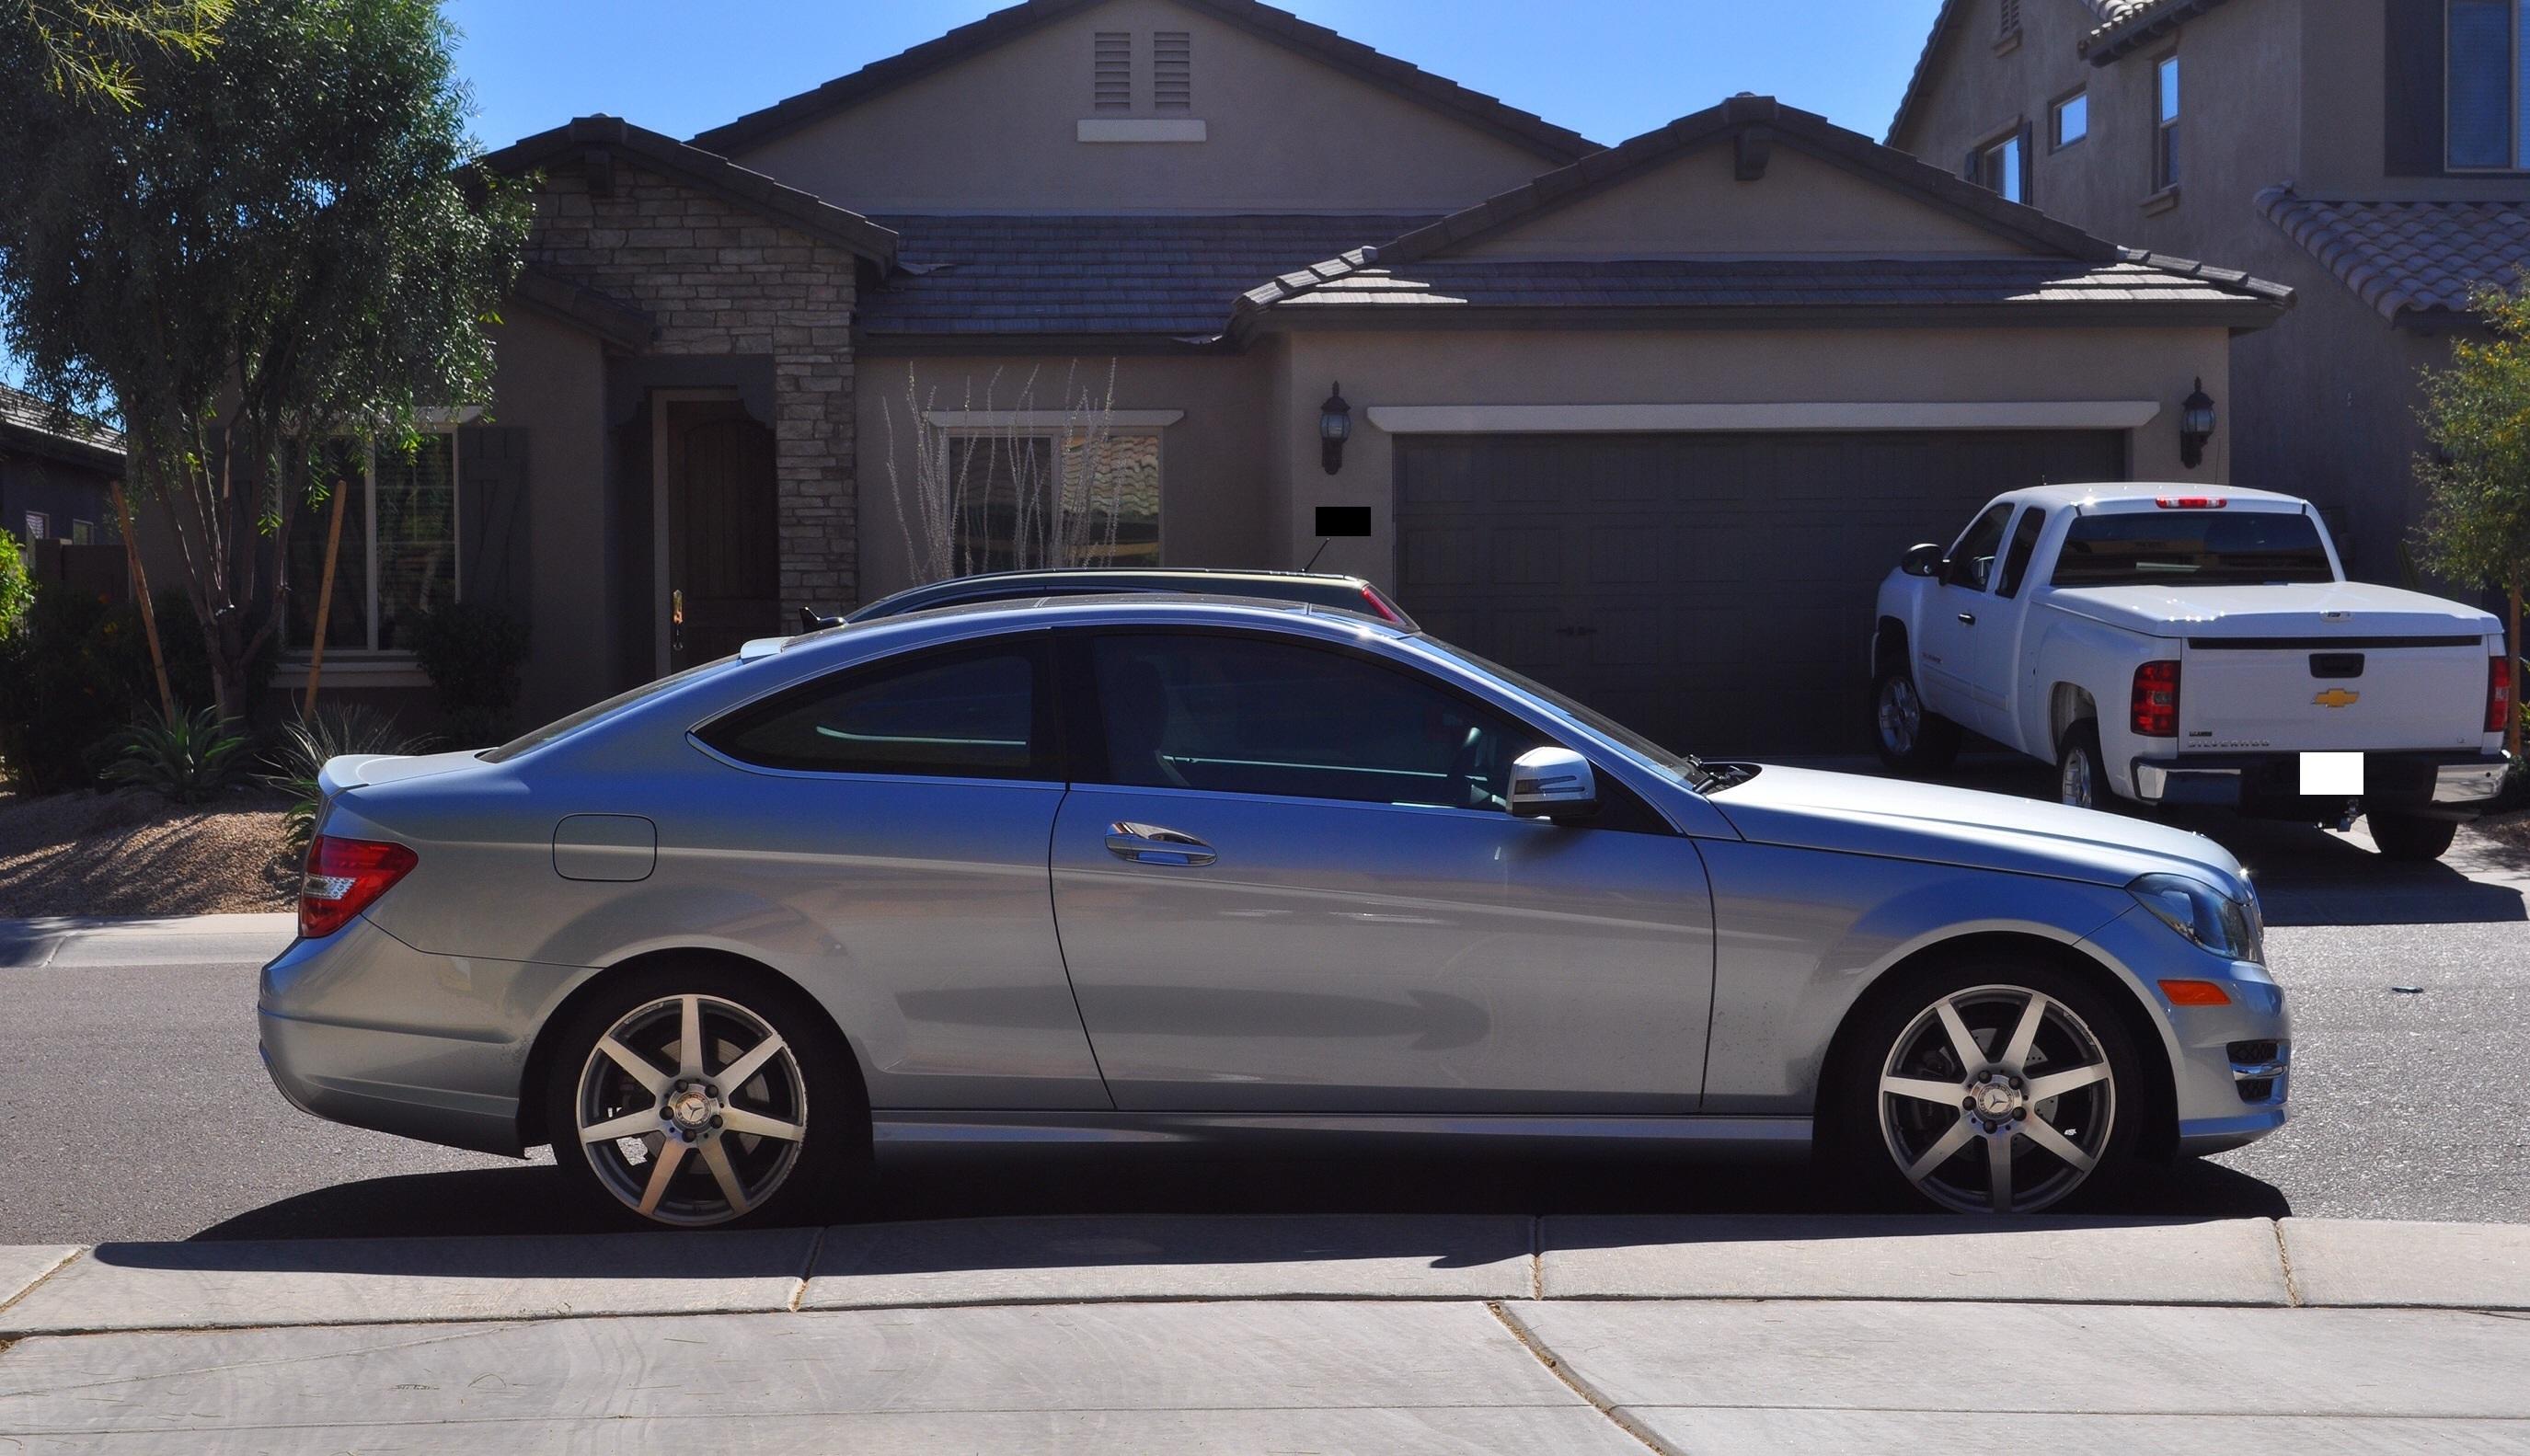 2012 Mercedes Benz C250 Coupe Review Rnr Automotive Blog